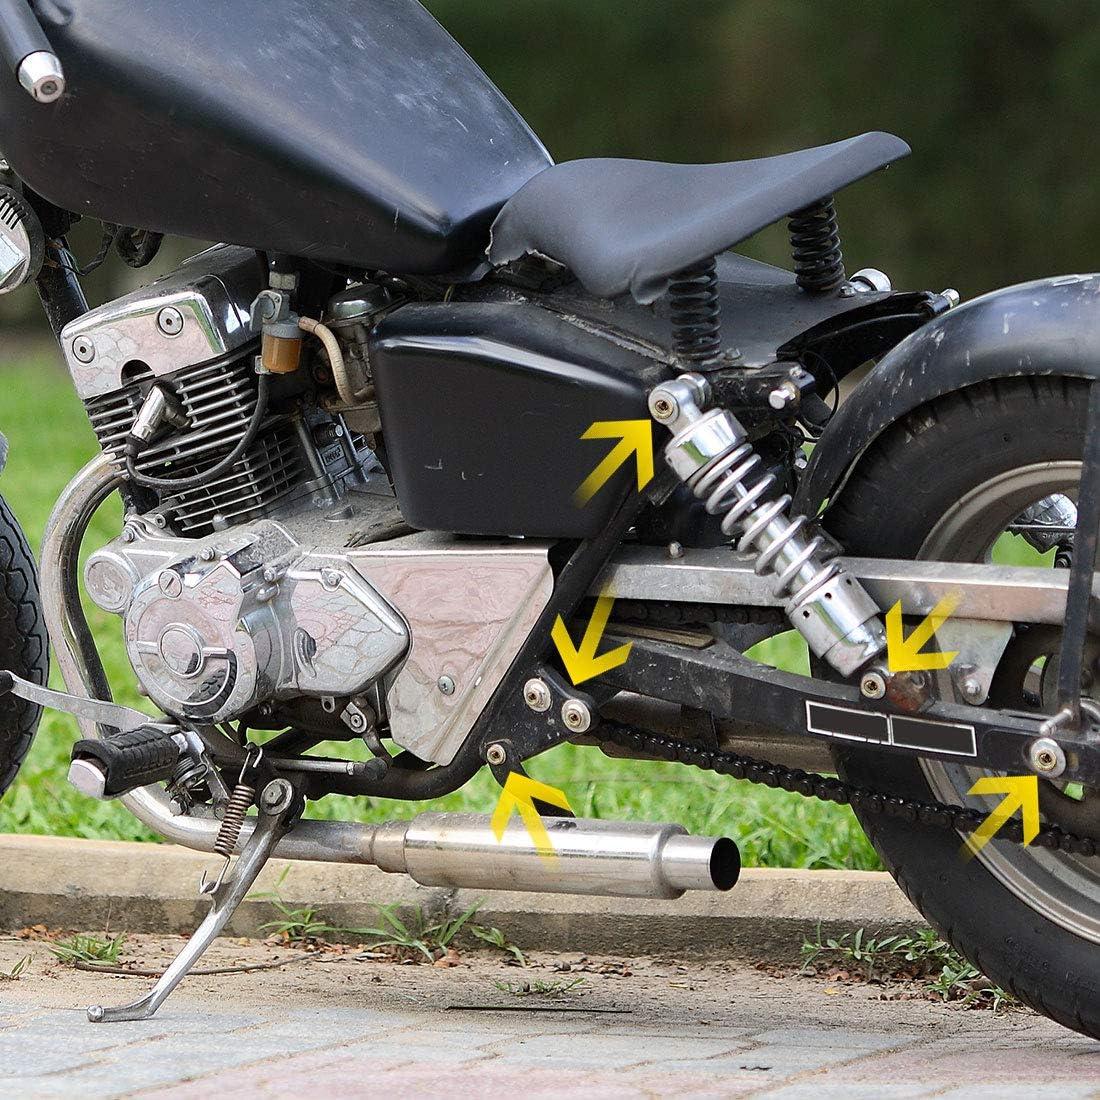 sourcing map 20Pcs M6x30 Tornillos de Fijaci/ón Dorado Titanio Perno Hexagonal de Moto Modificaci/ón